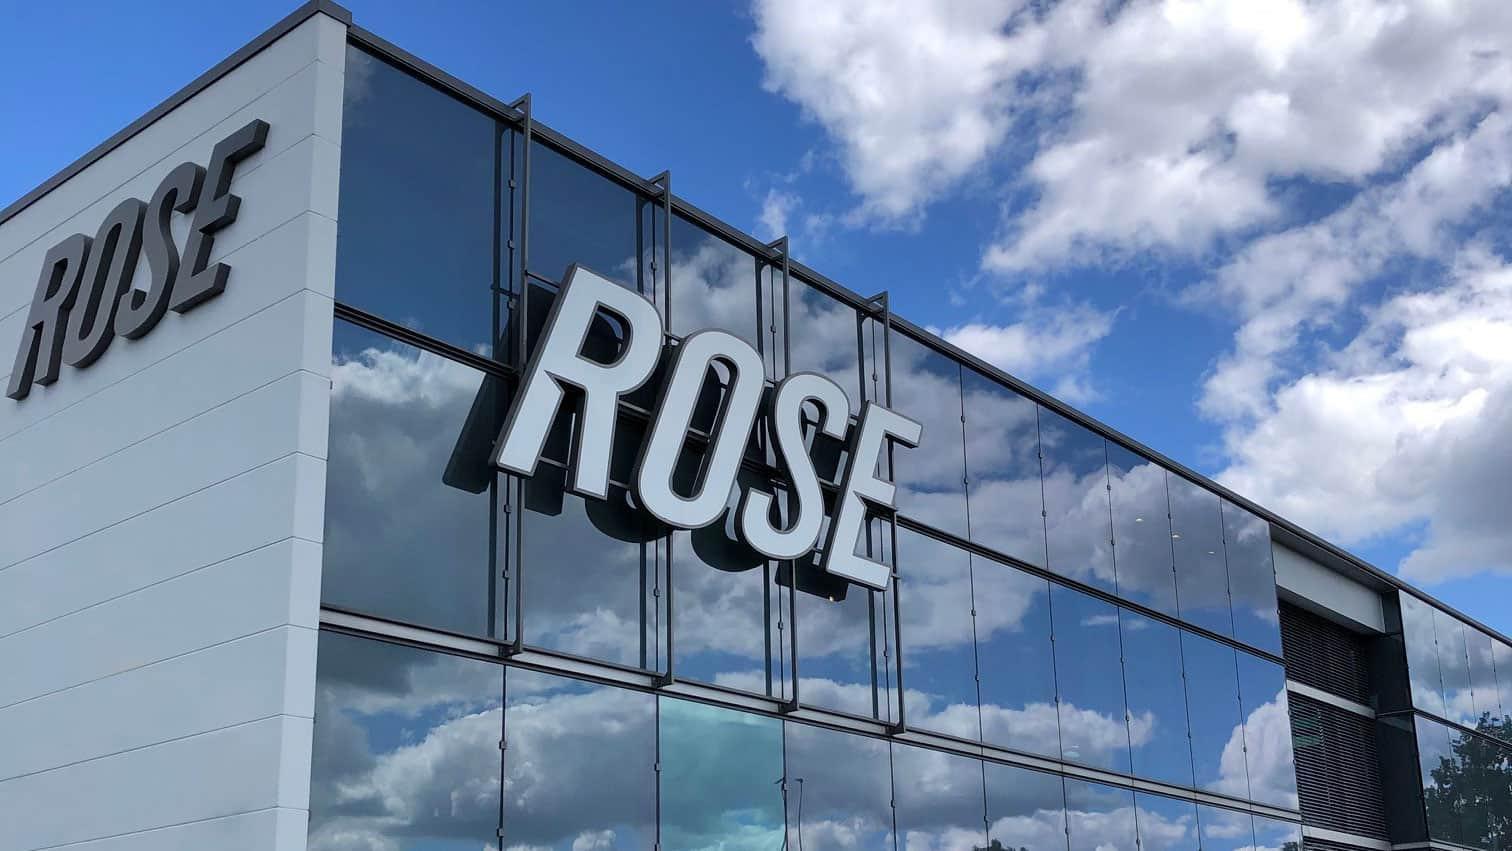 Rosestore